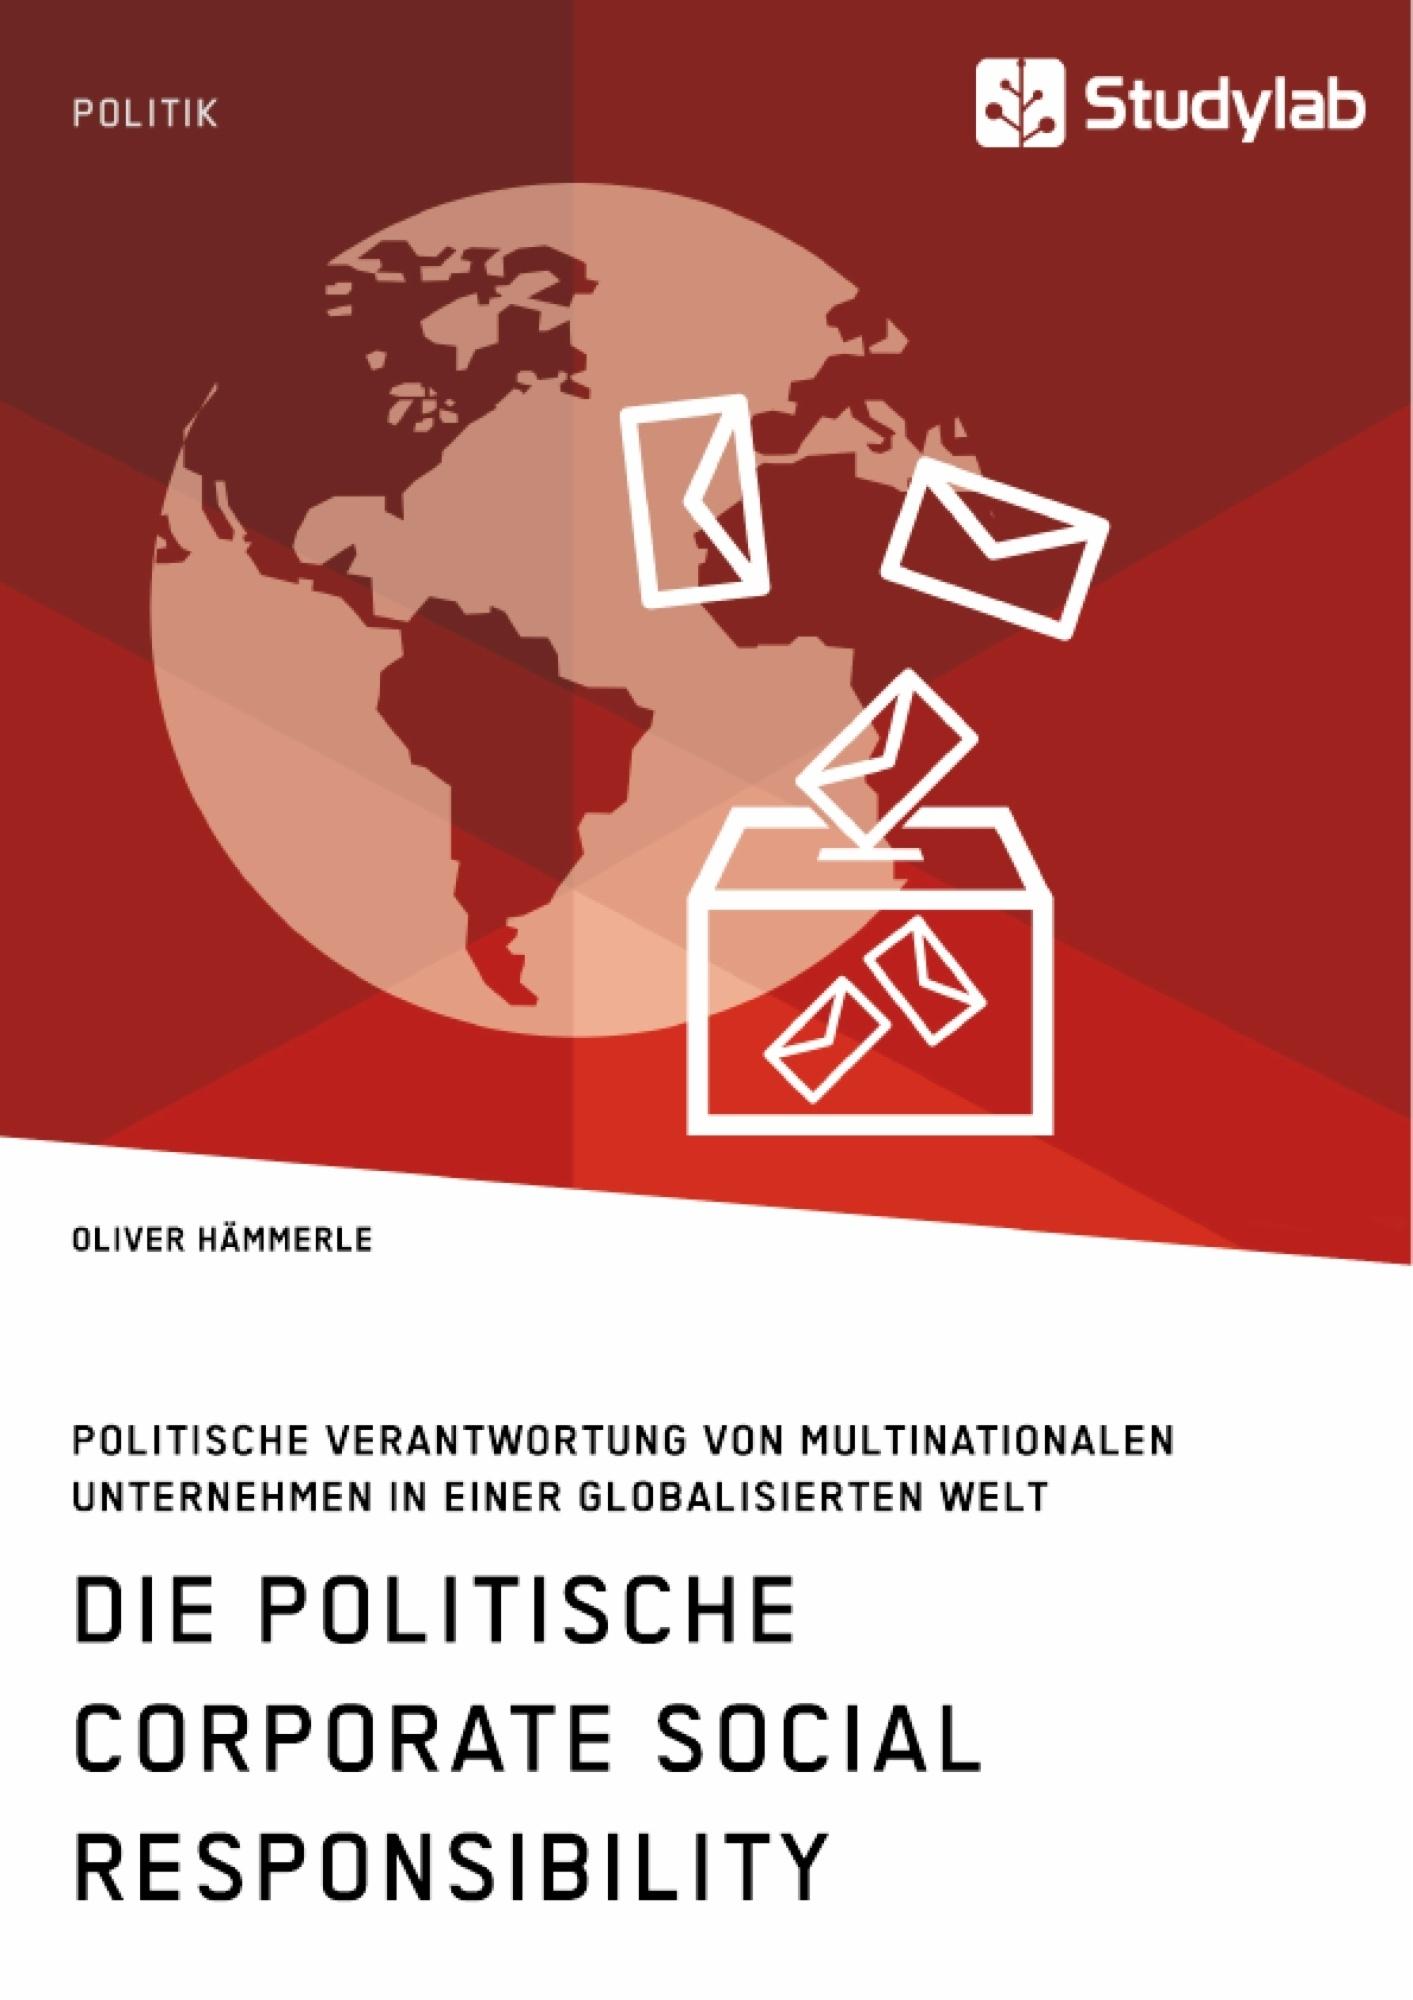 Titel: Die politische Corporate Social Responsibility. Politische Verantwortung von multinationalen Unternehmen in einer globalisierten Welt